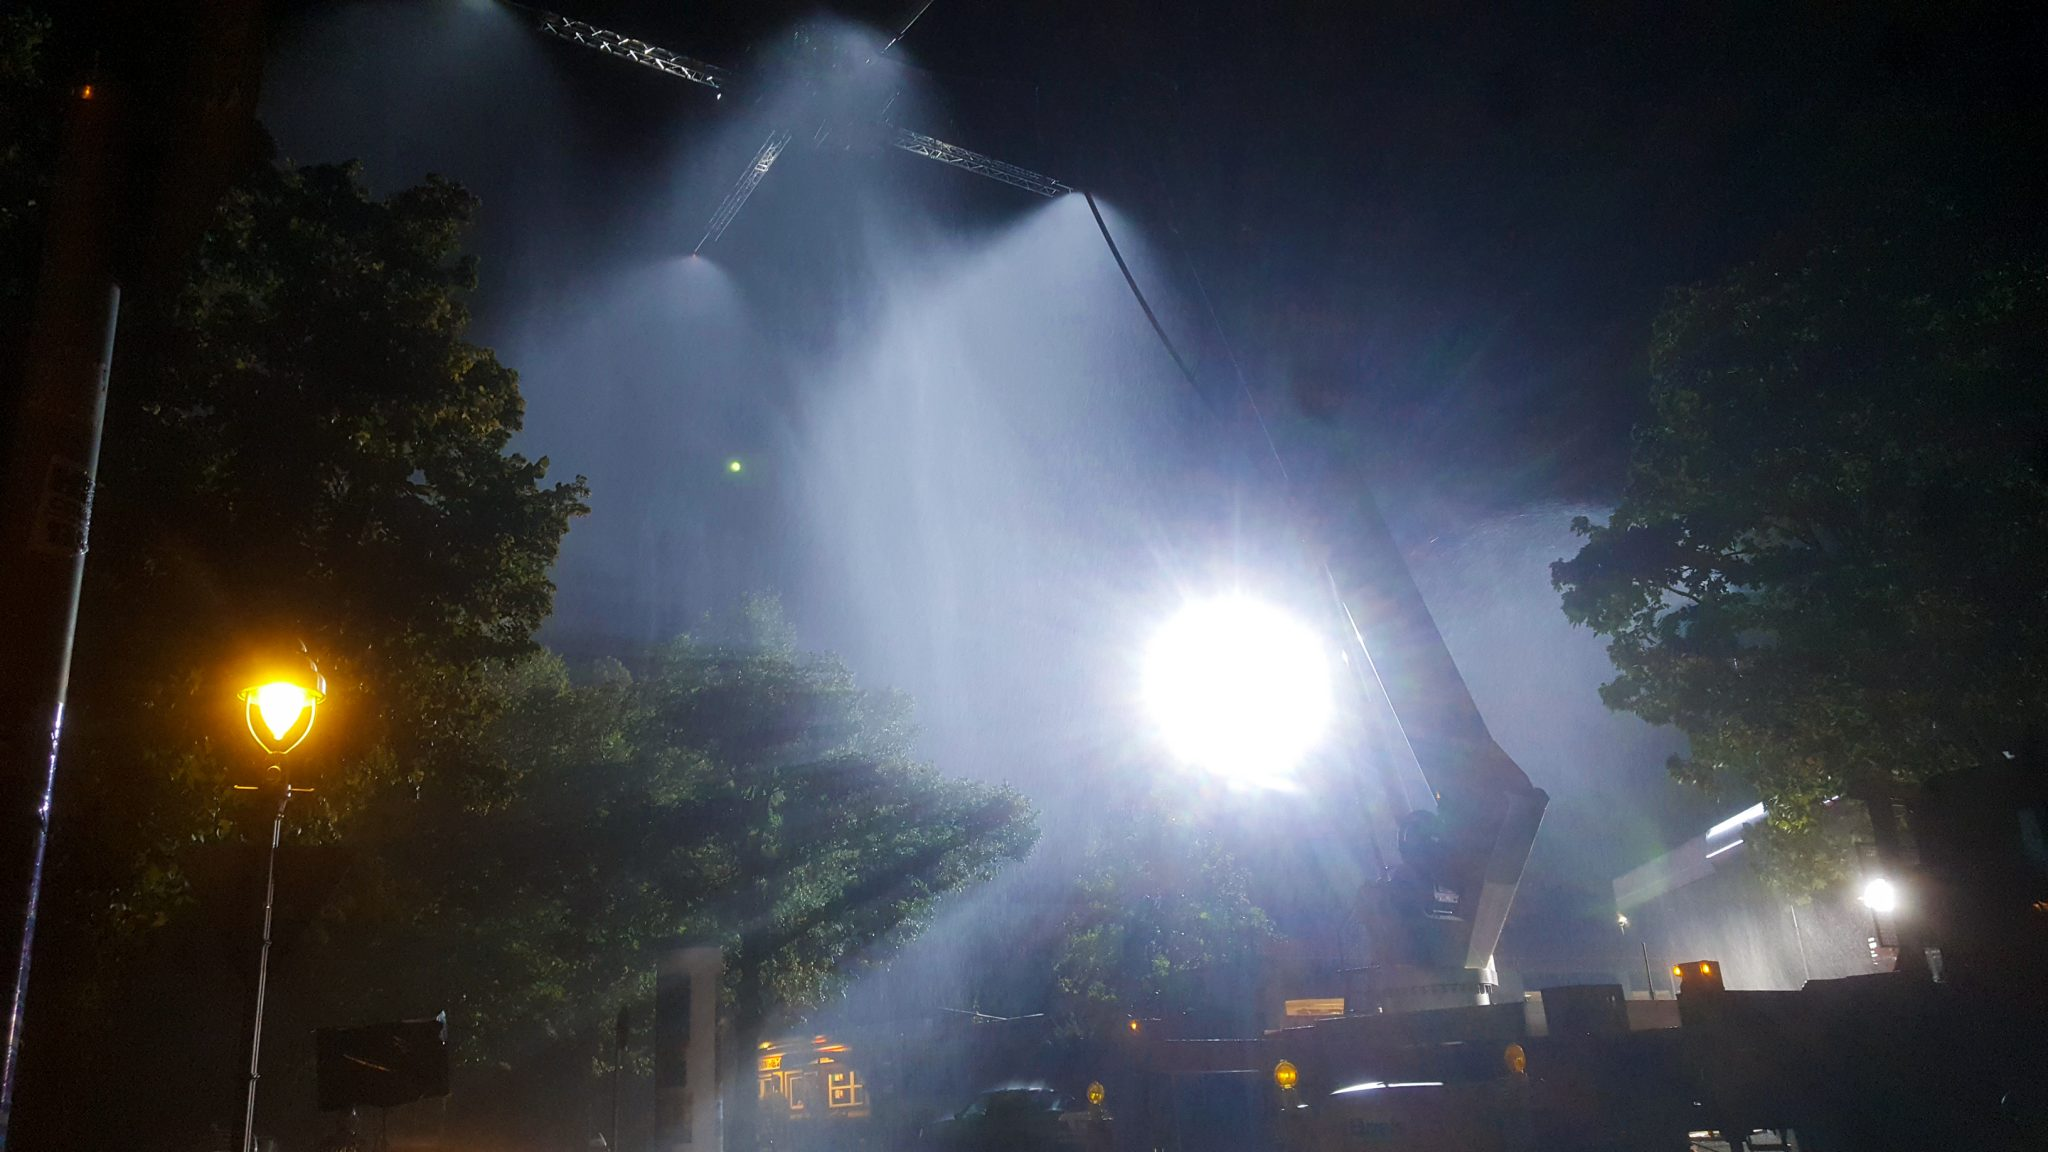 MG Action, spezial effekte für film, film regen, atmosphärische Effekte, Regen für Film